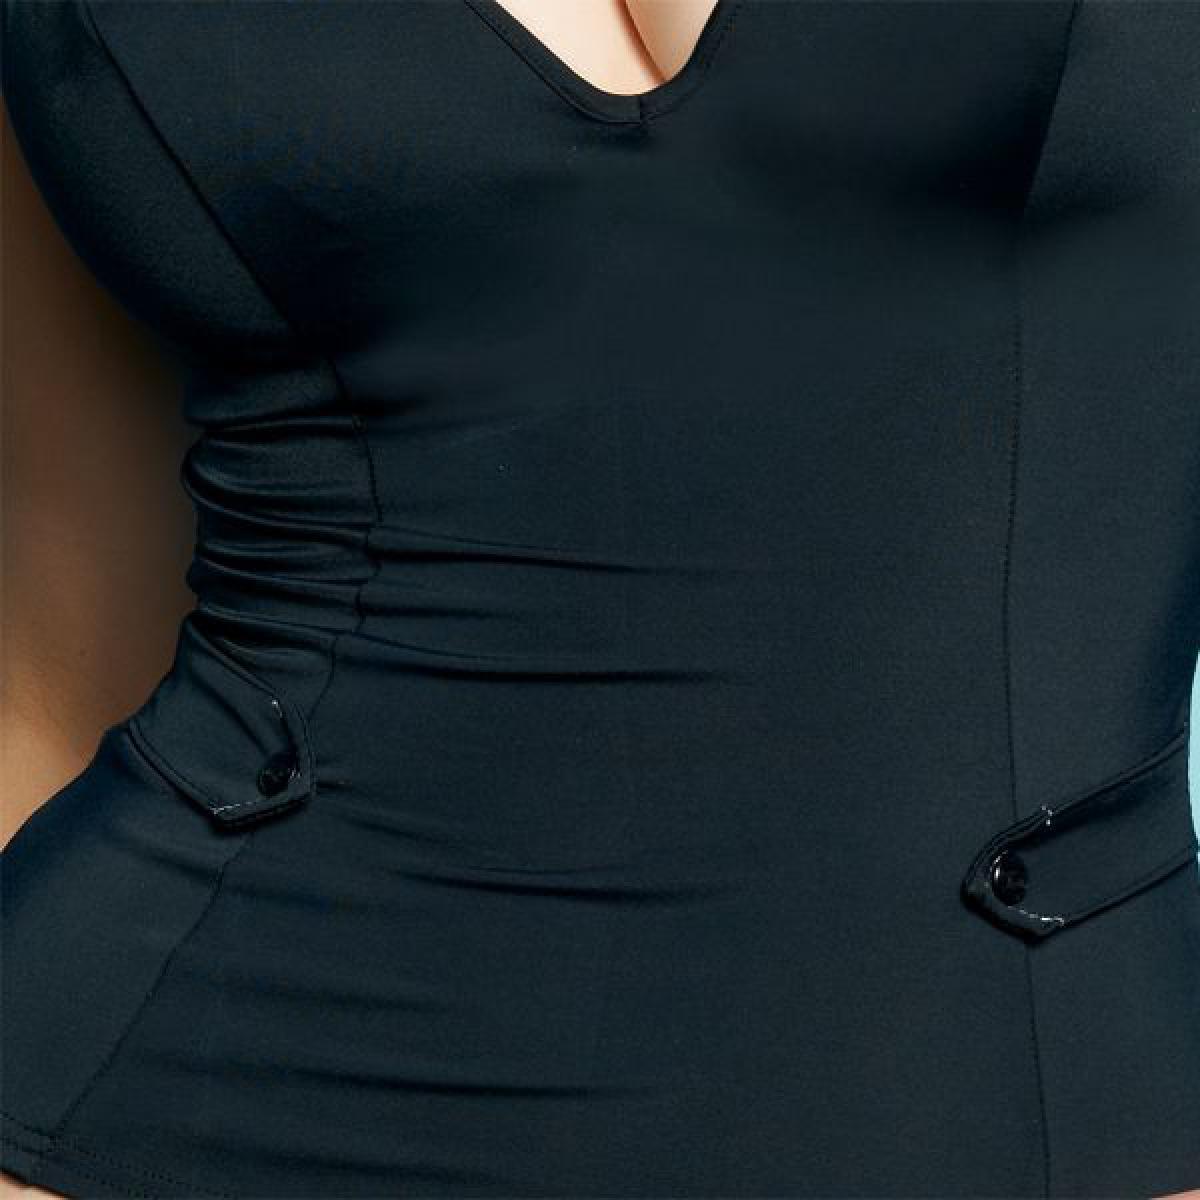 FREYA Tankini Freya FEVER noir plongeant à armatures Acheter Pas Cher Livraison Gratuite A0jljS3L